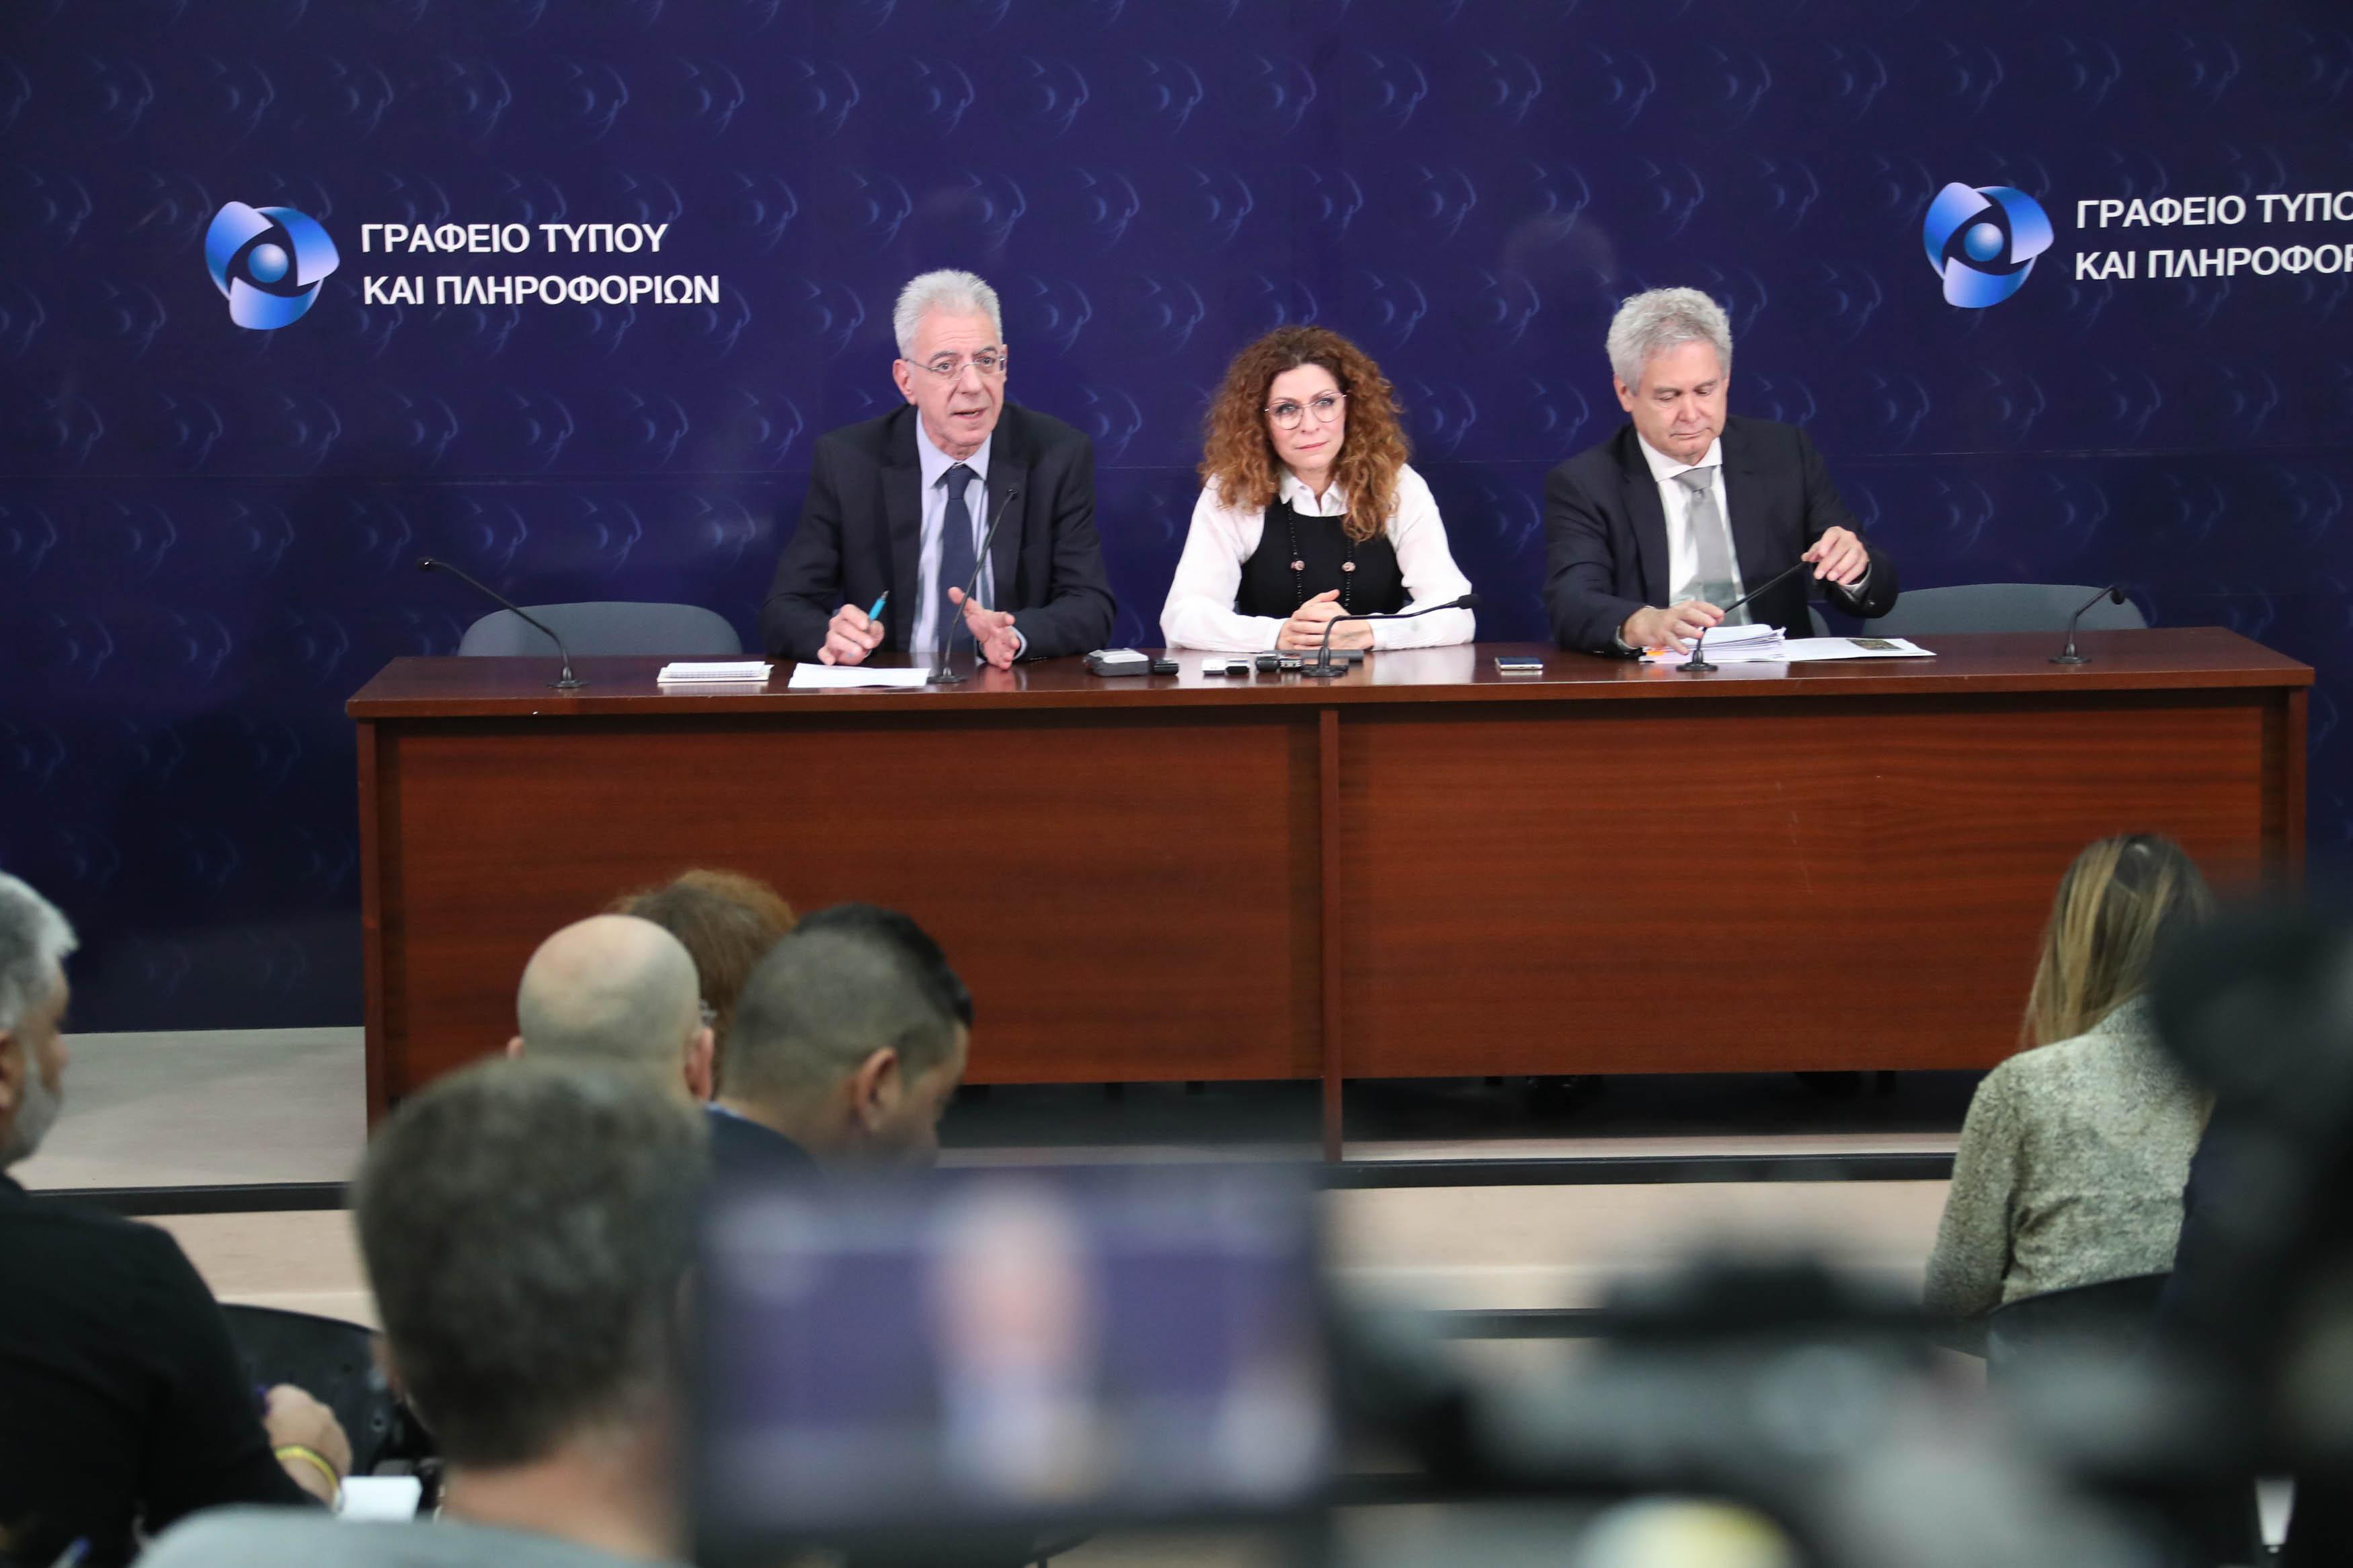 Σήμα προς όλους για συνέχιση των συνομιλιών έστειλε η Λευκωσία